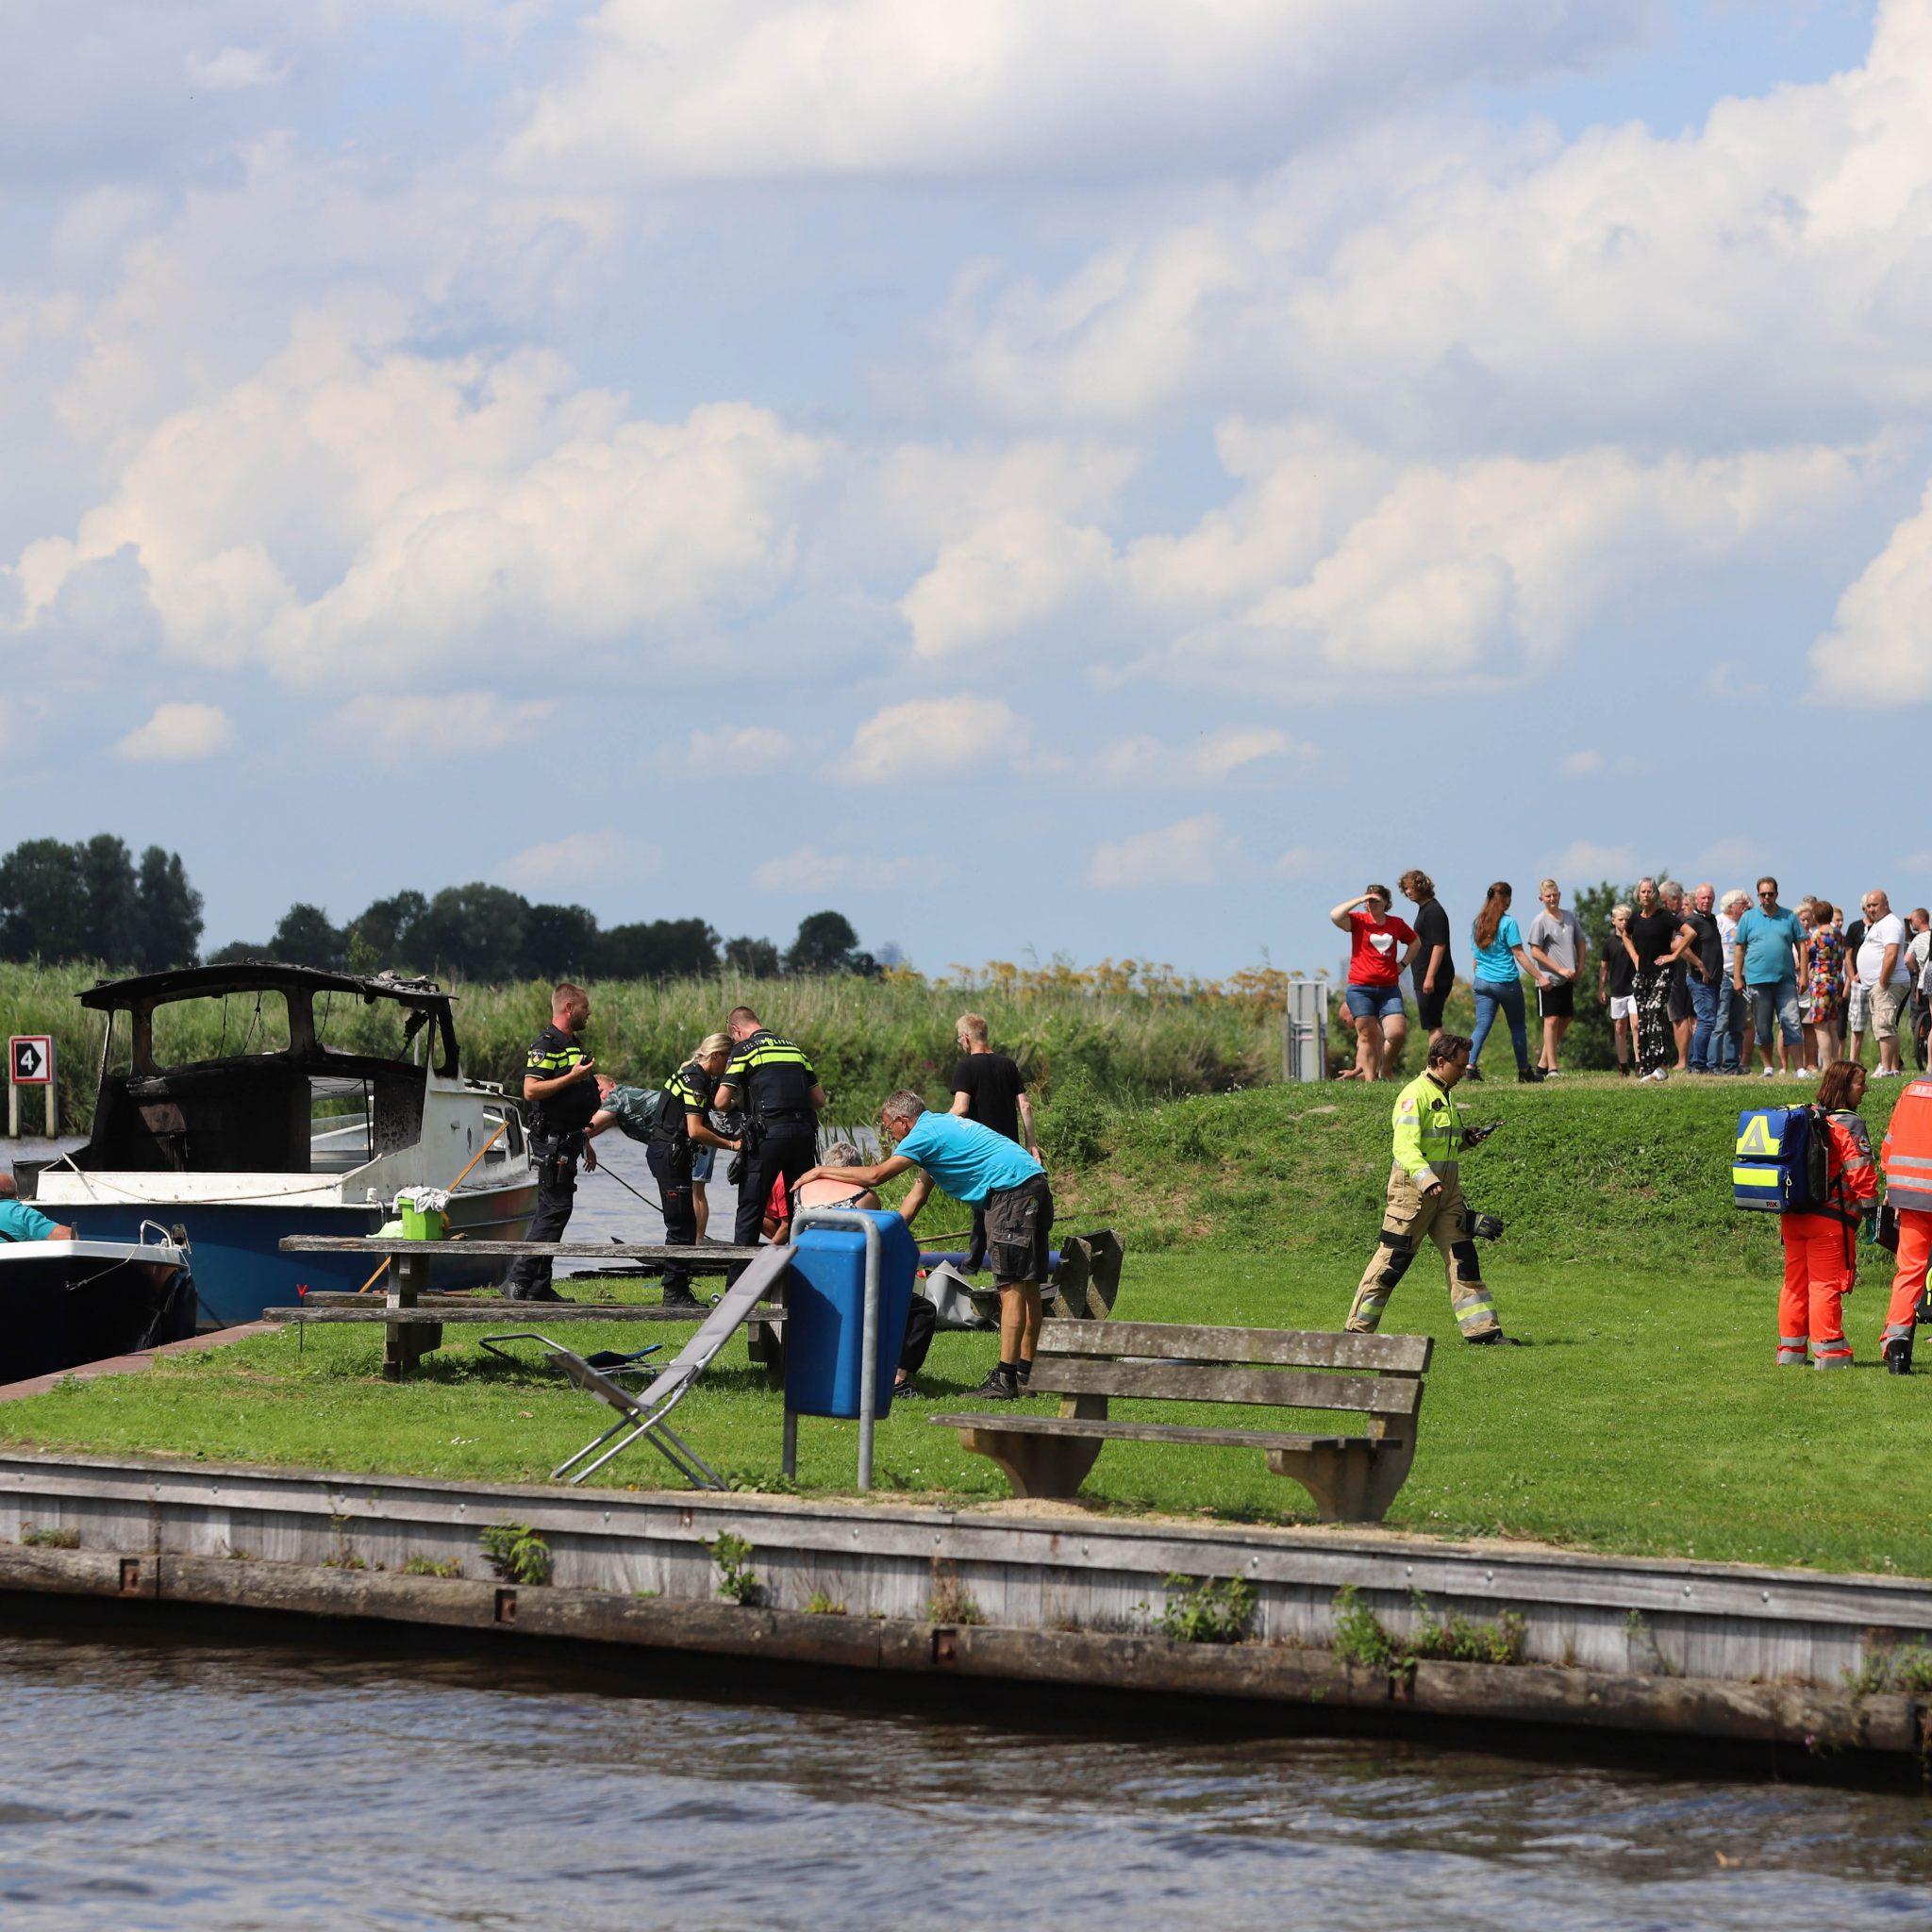 Op de foto is goed te zien dat het bootje uitgebrand is. (Foto Venema Media)